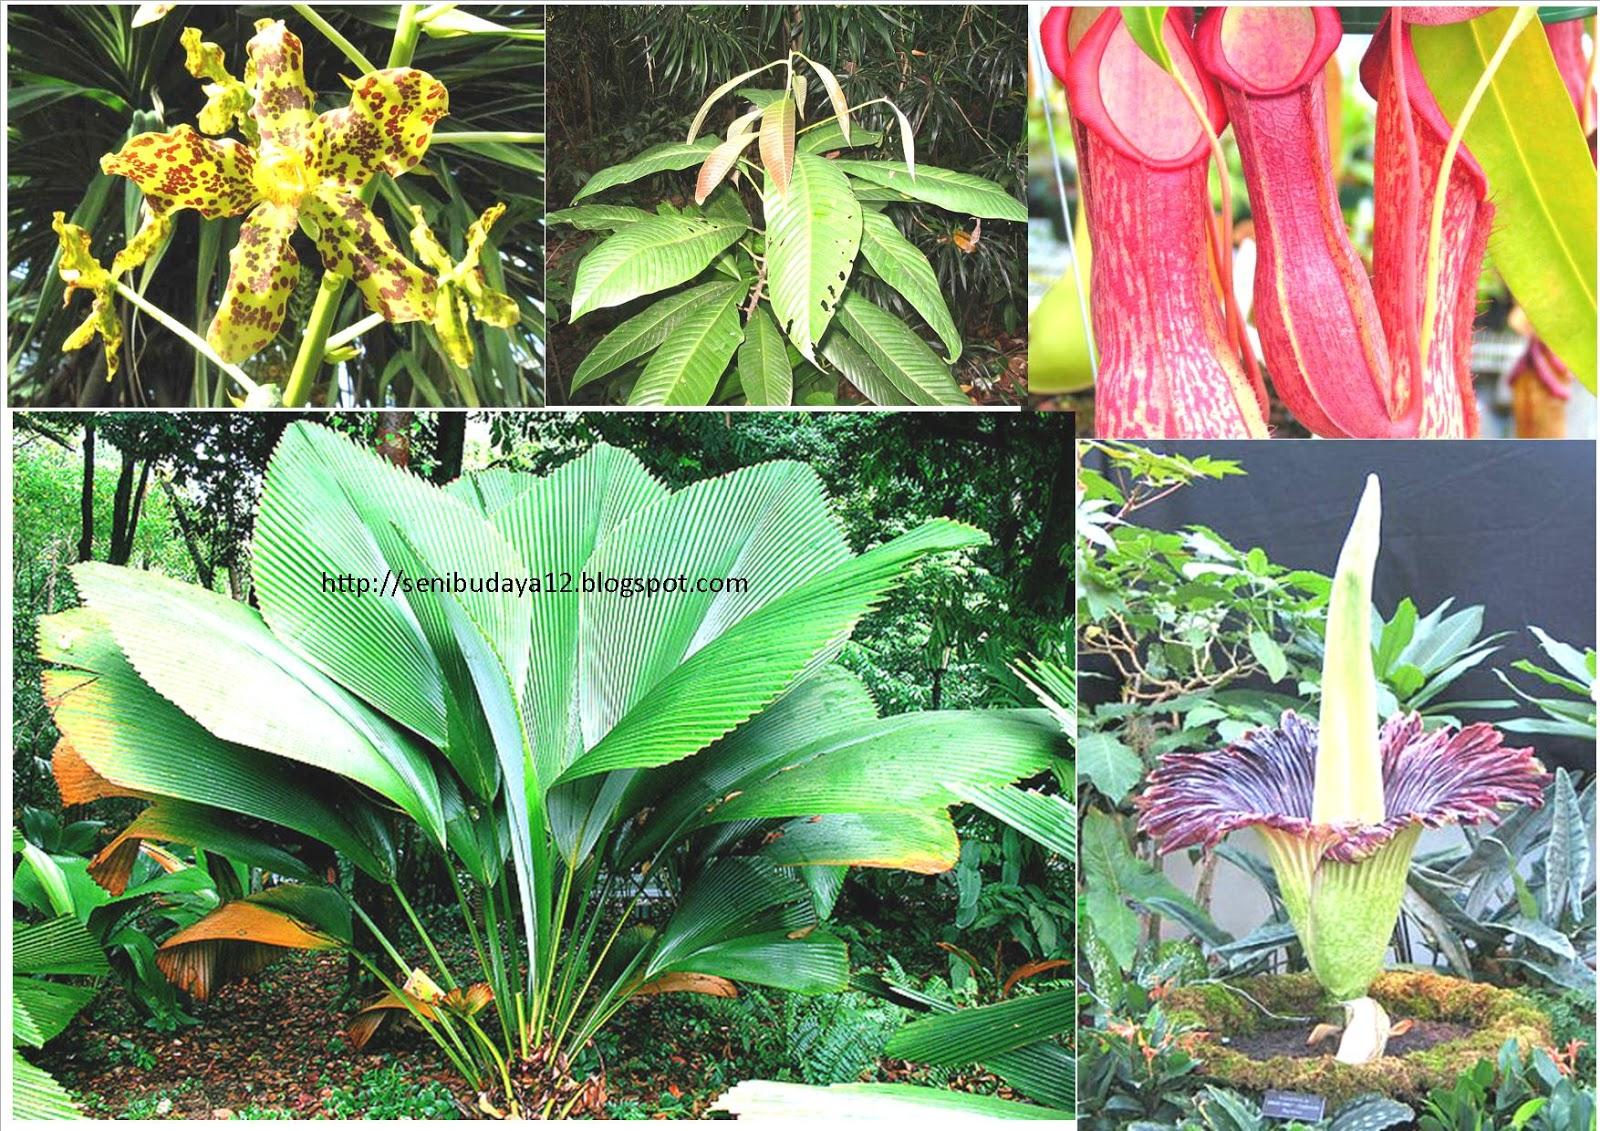 930 Koleksi Gambar Hewan Dan Tumbuhan Yang Mendekati Kepunahan Terbaru